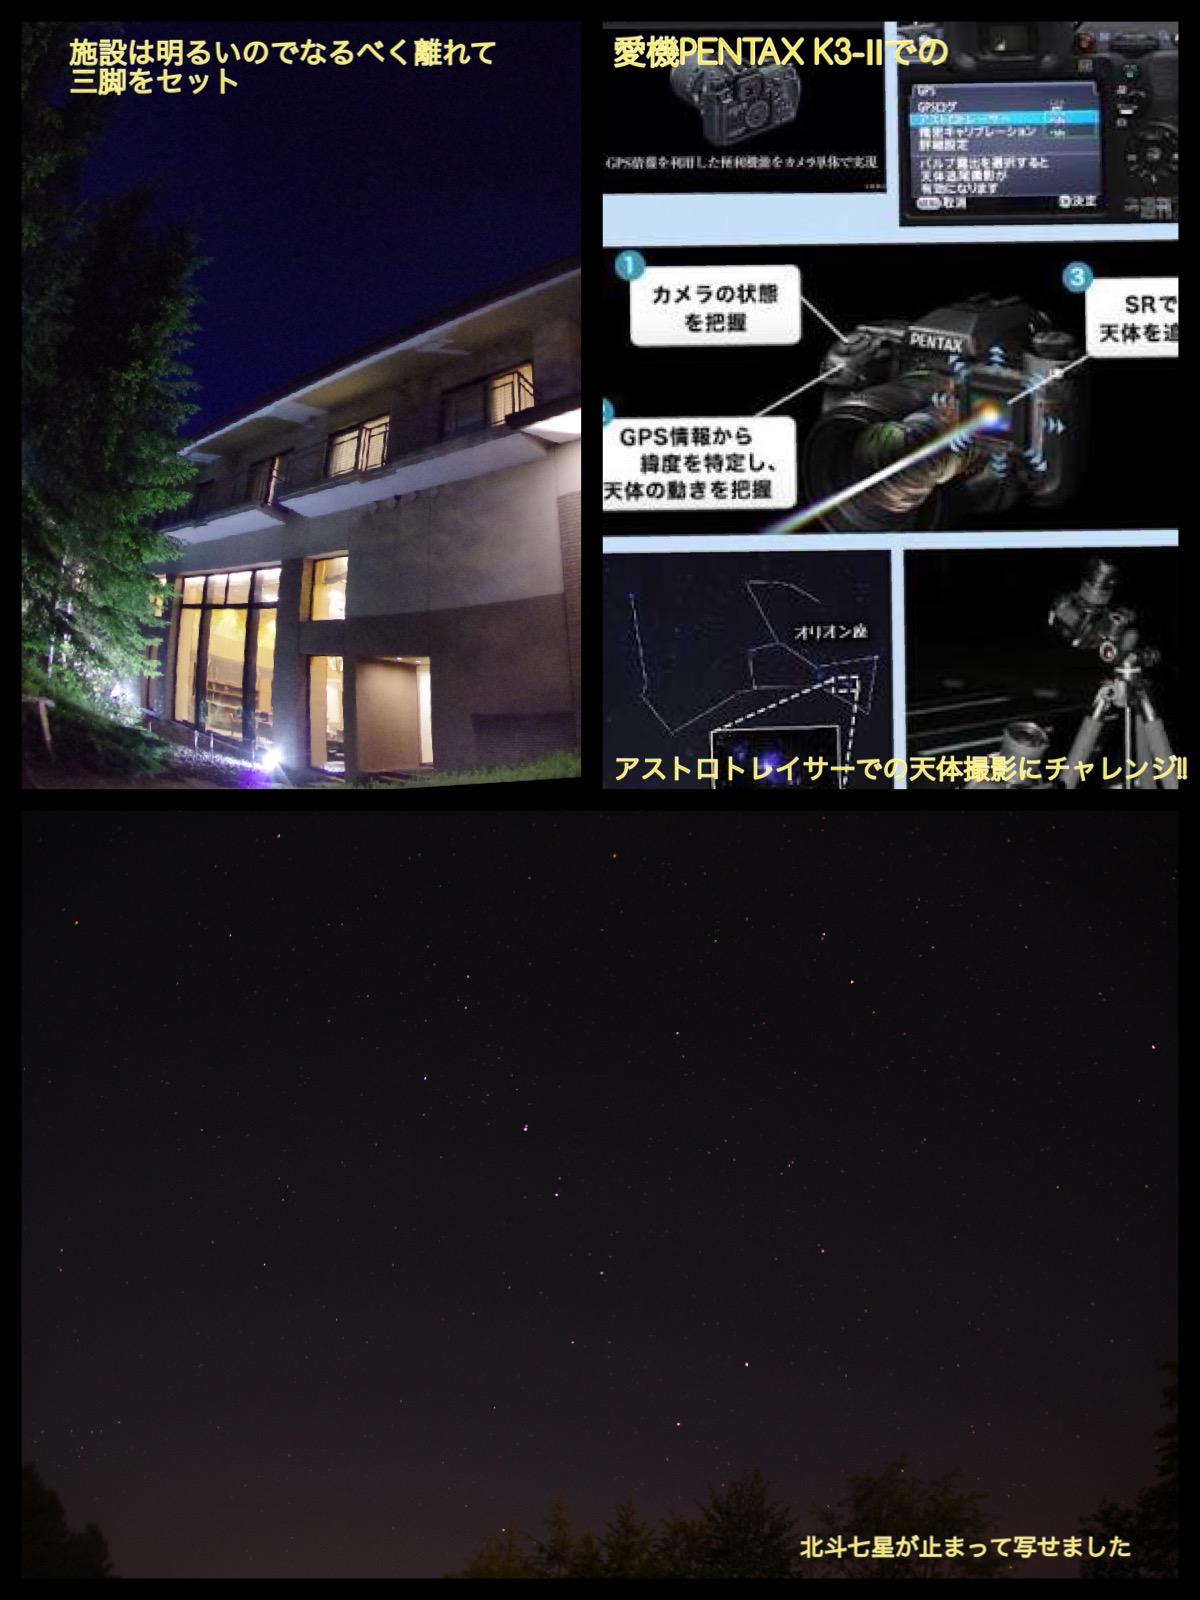 PENTAX K3-Ⅱアストロトレイサー北軽井沢 ハーヴェストクラブ軽井沢高原